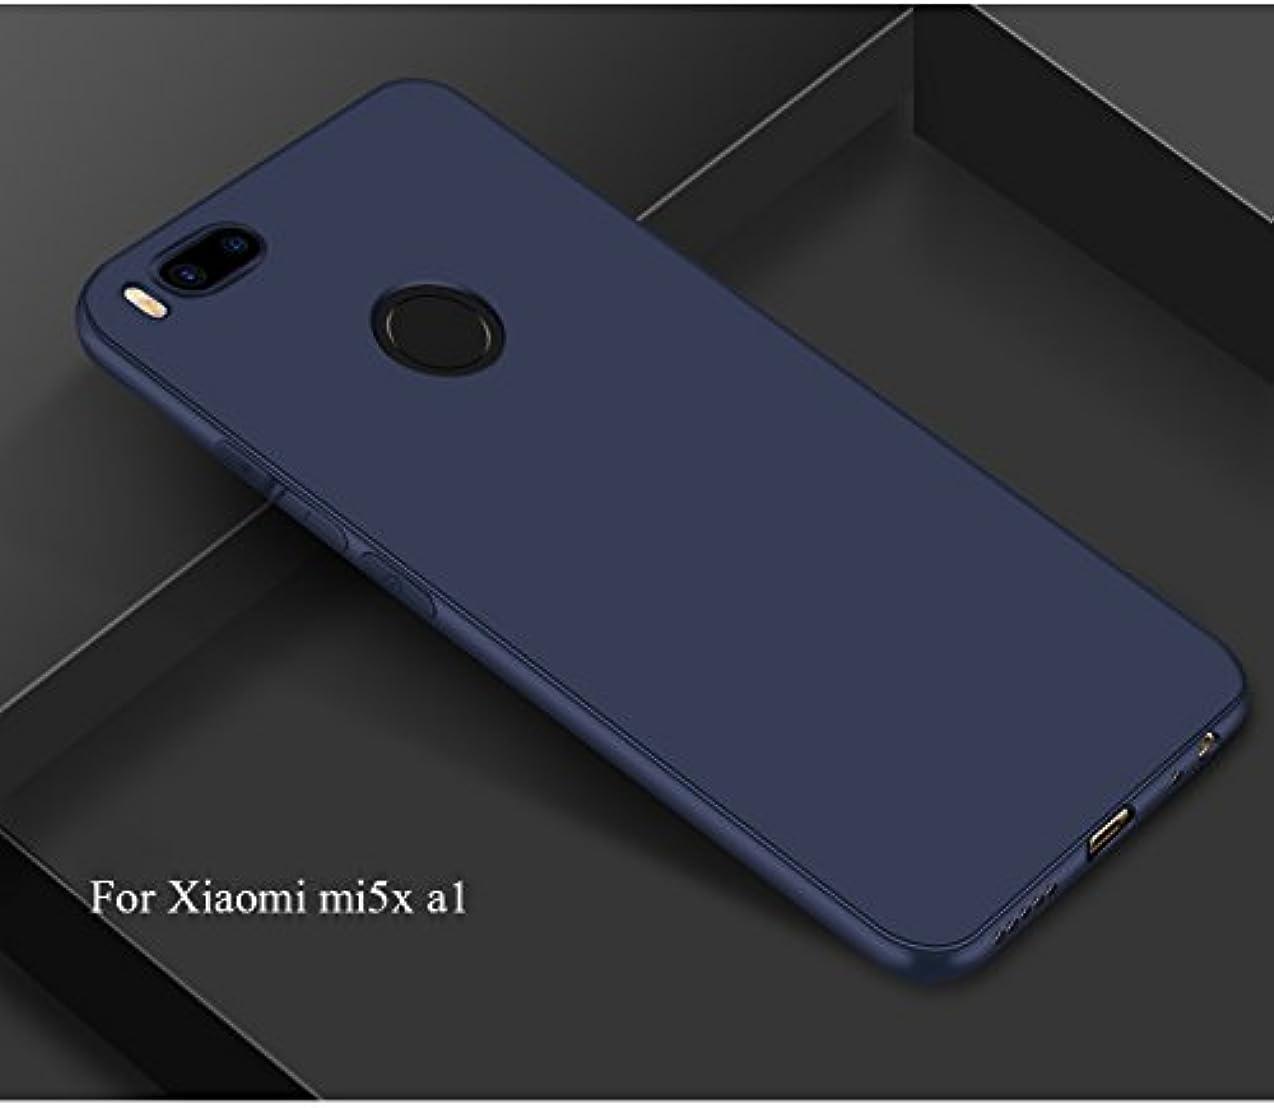 間違いコントローラコークスJicorzo - 小米科技MI6 MI 6 M6用小米科技マイル5倍Mi5x電話カバー用1ケース超薄型フロストソフトシリコンTPUケースA1小米科技マイル